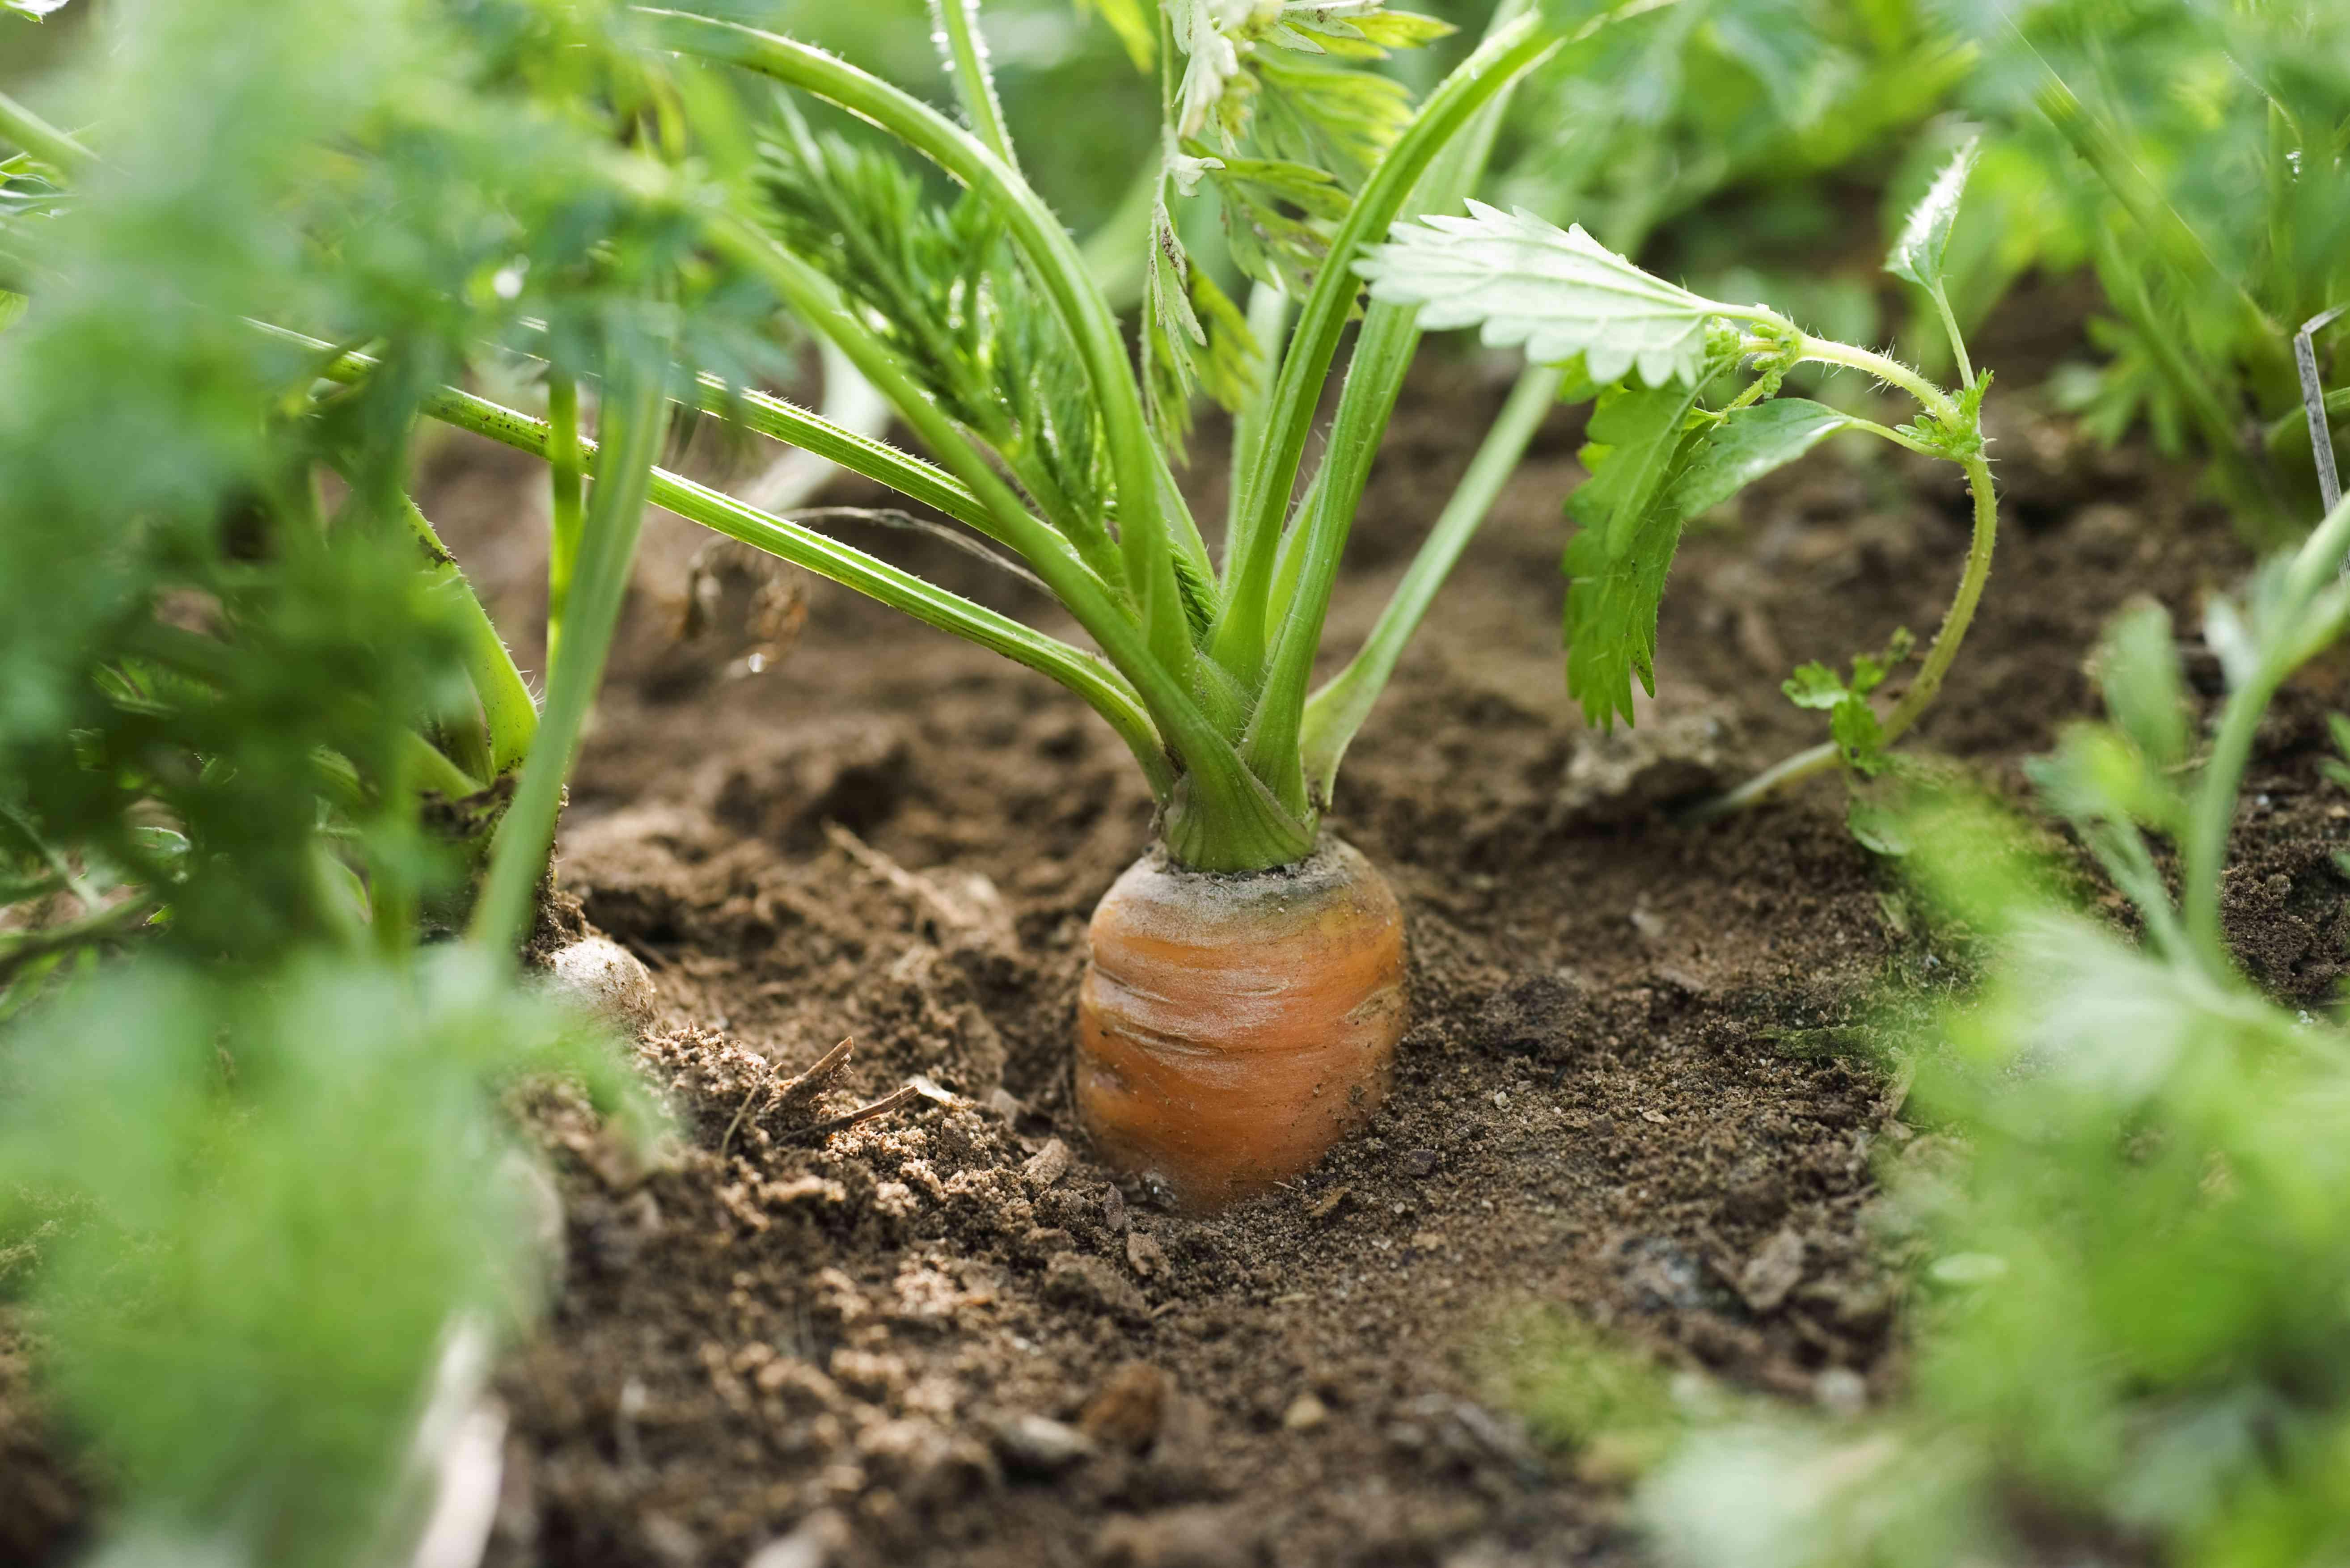 Orange carrot growing in vegetable garden